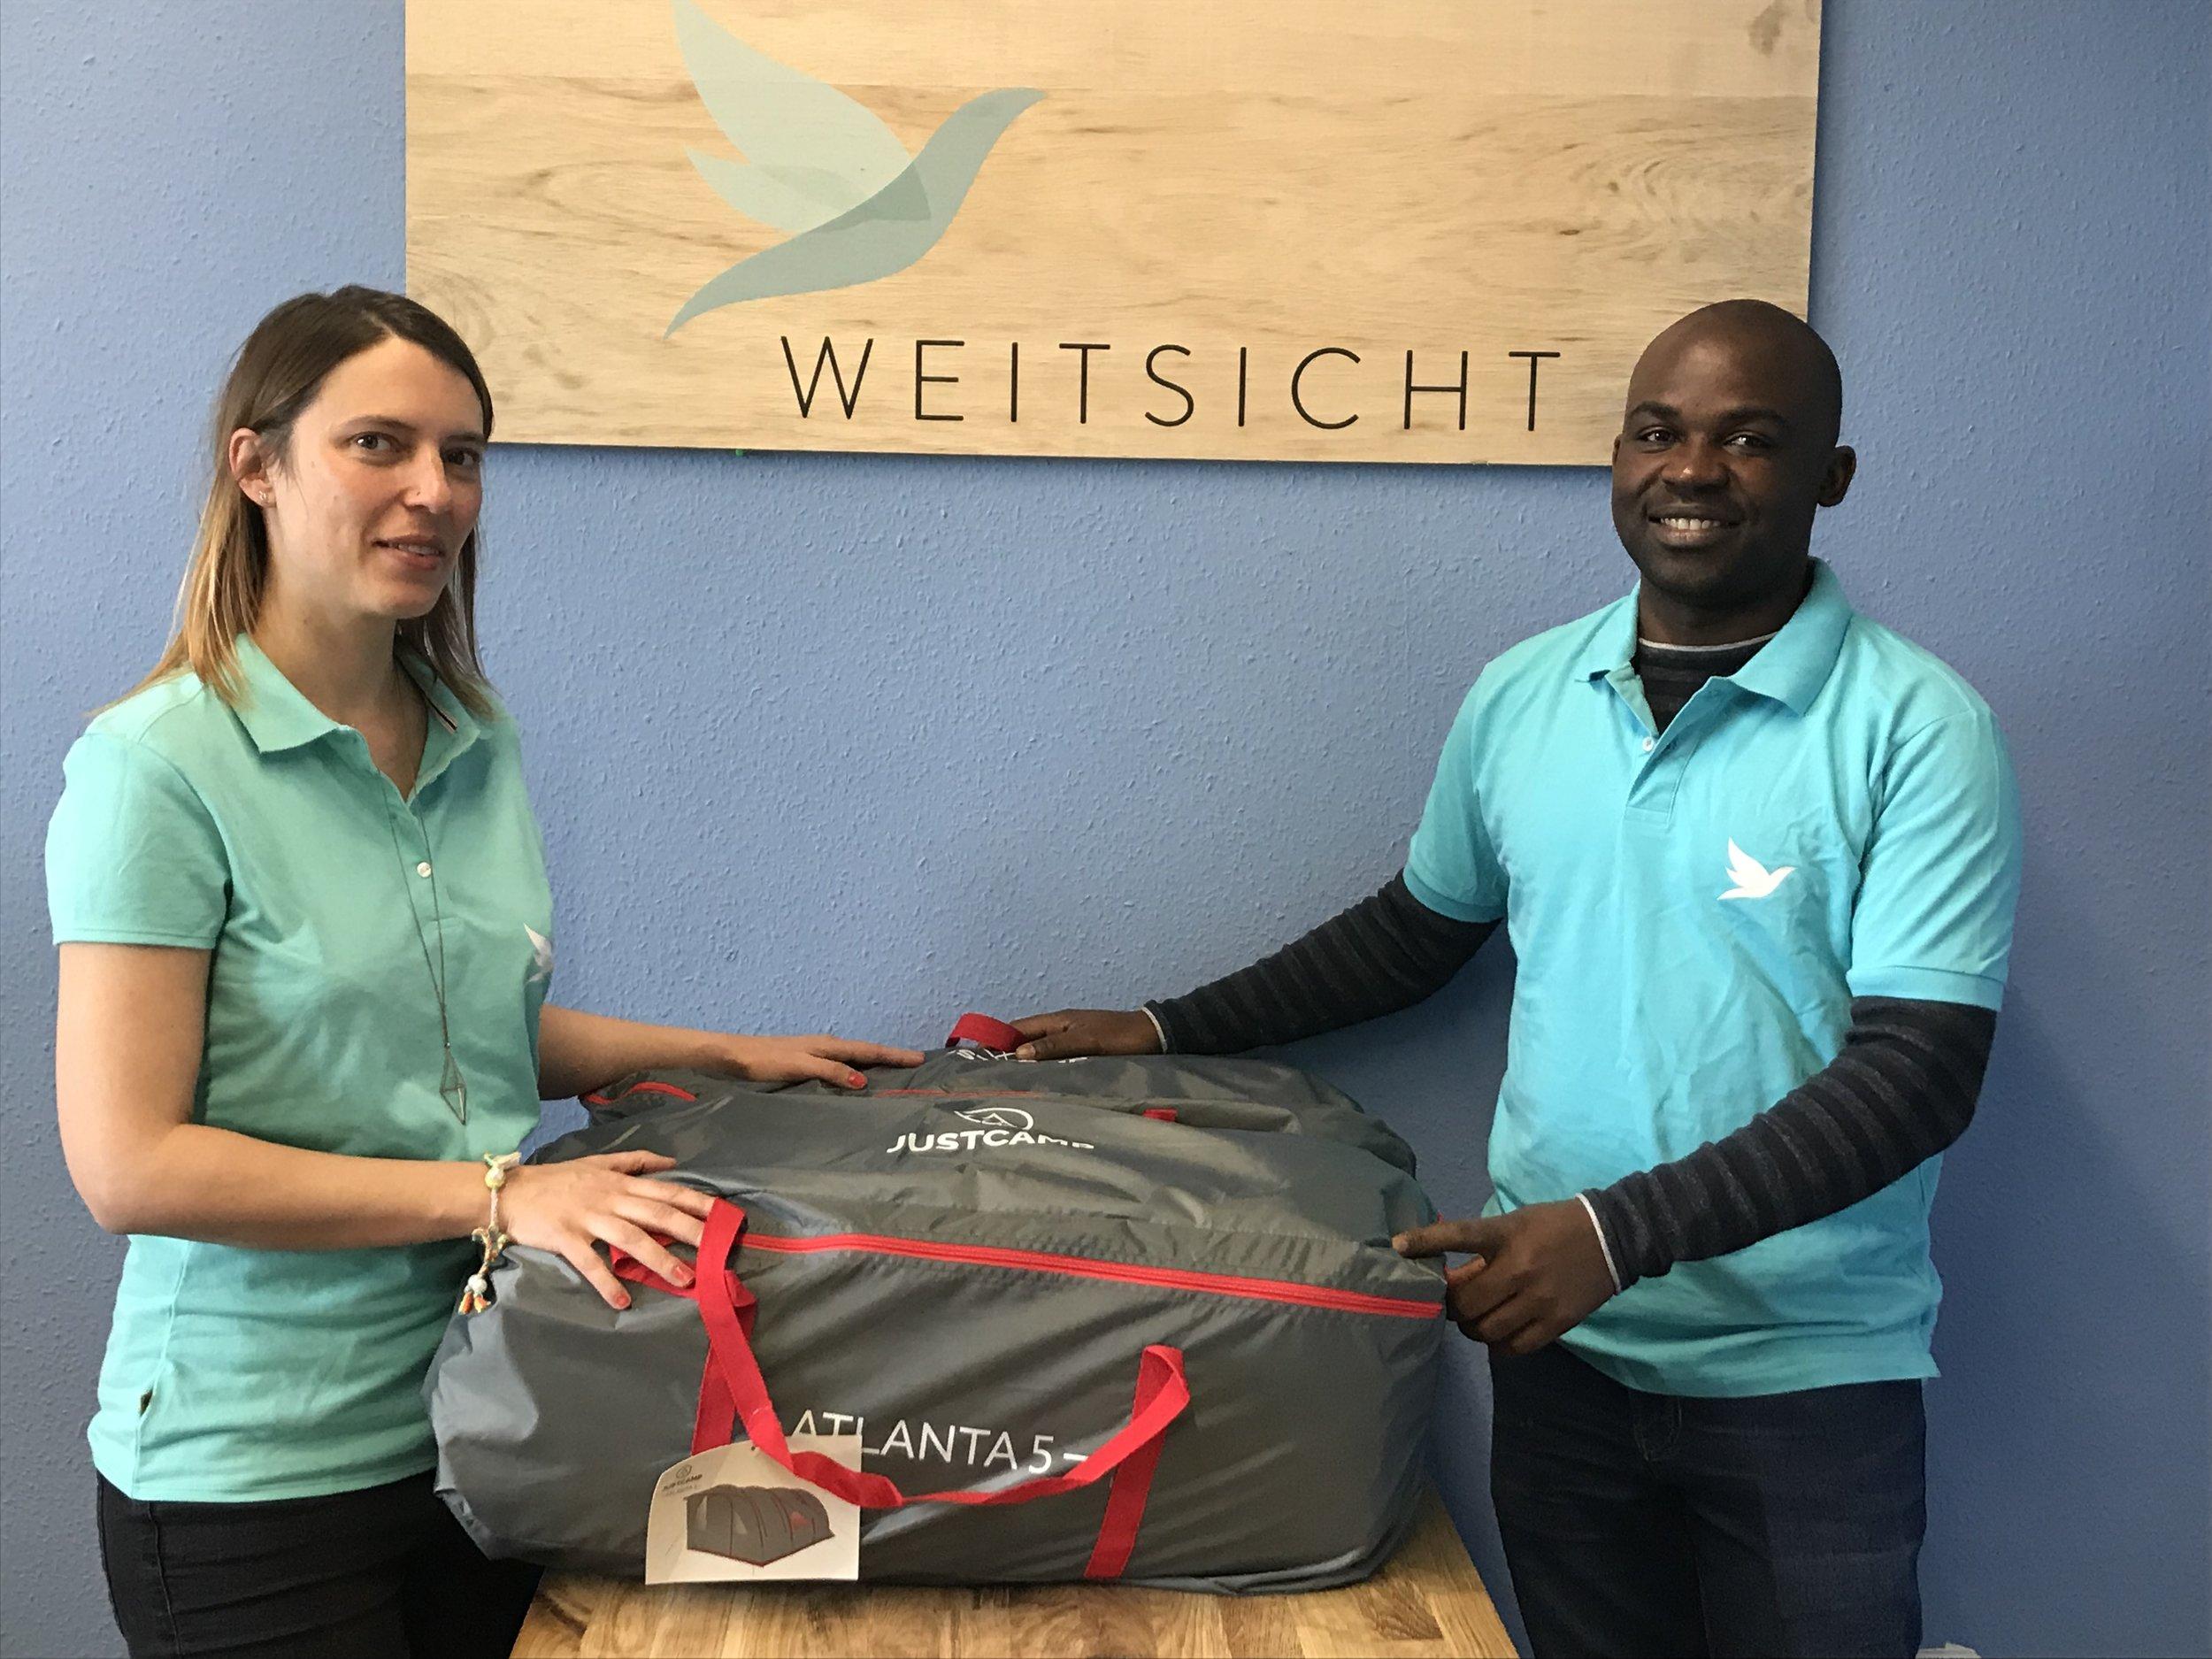 Die Zelte werden verpackt und werden nach Simbabwe geschickt